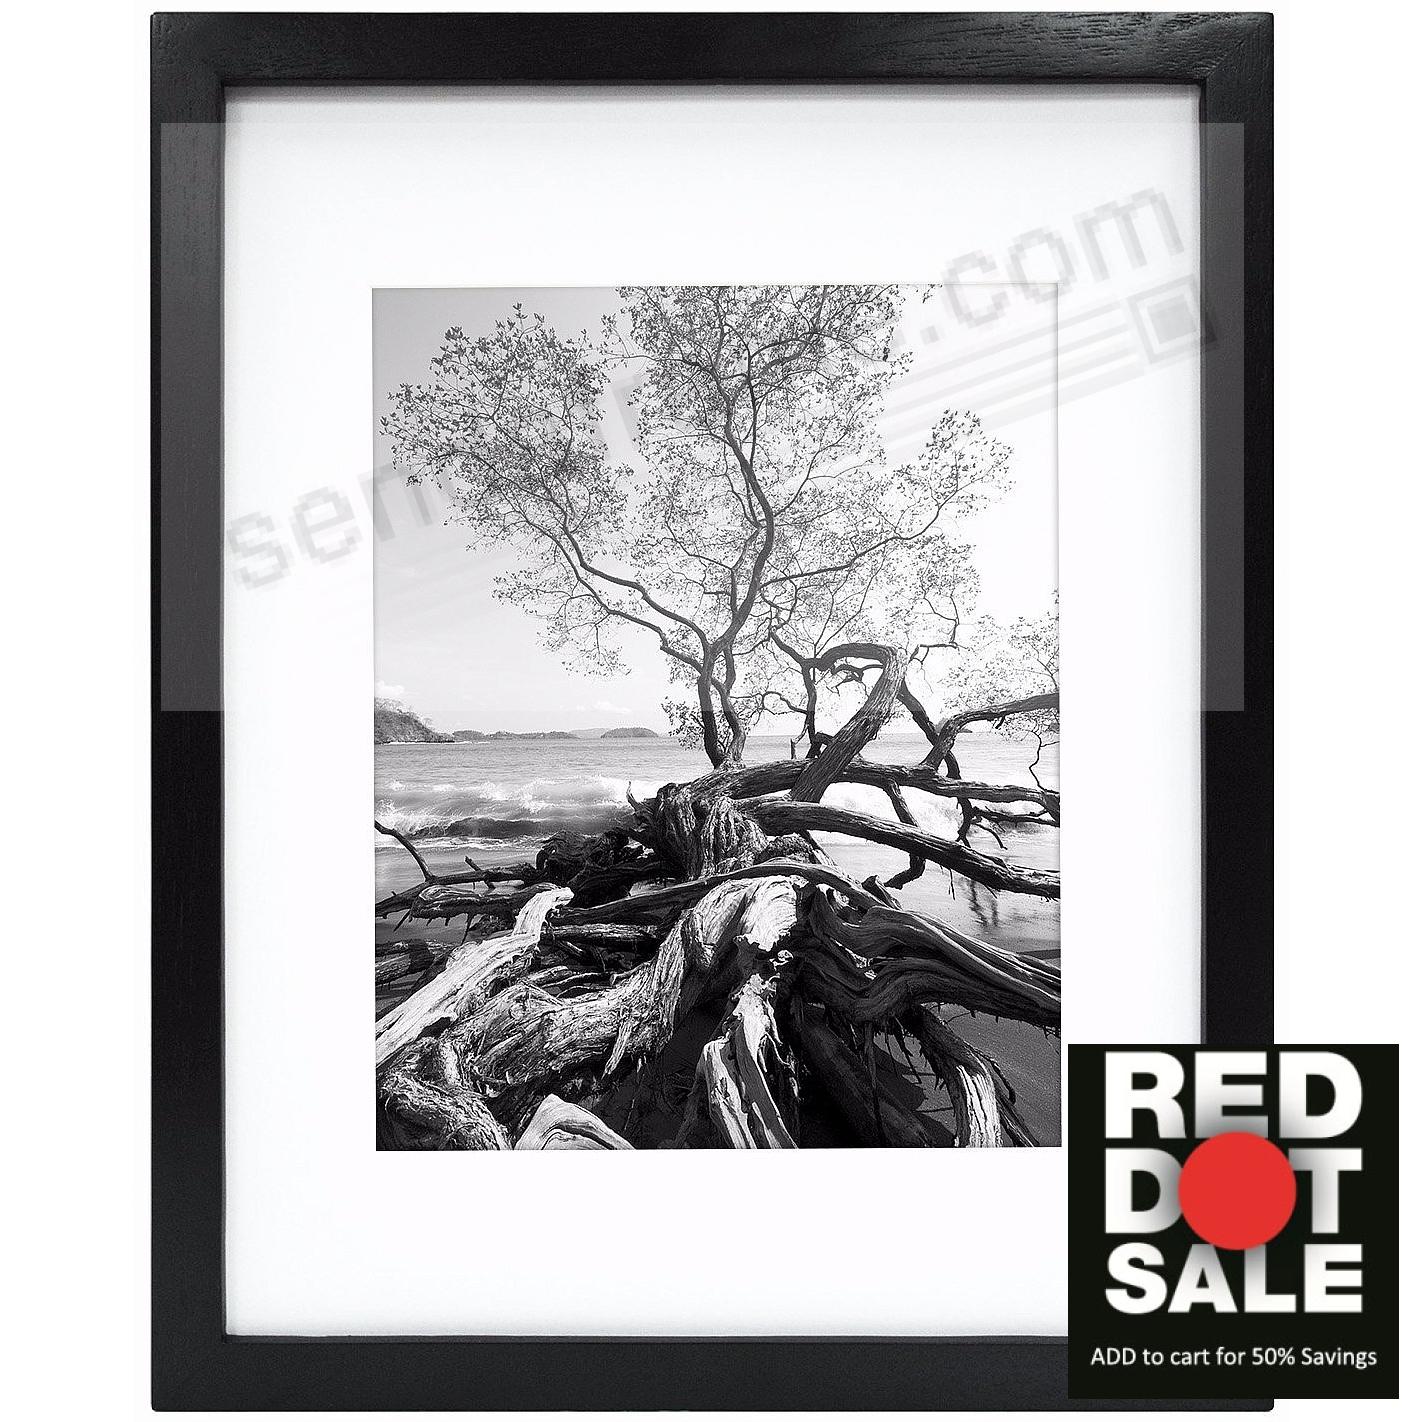 Art Shadow-Box 16x20/11x14 Black Wood frame w/1-3/8in depth by MCS ...